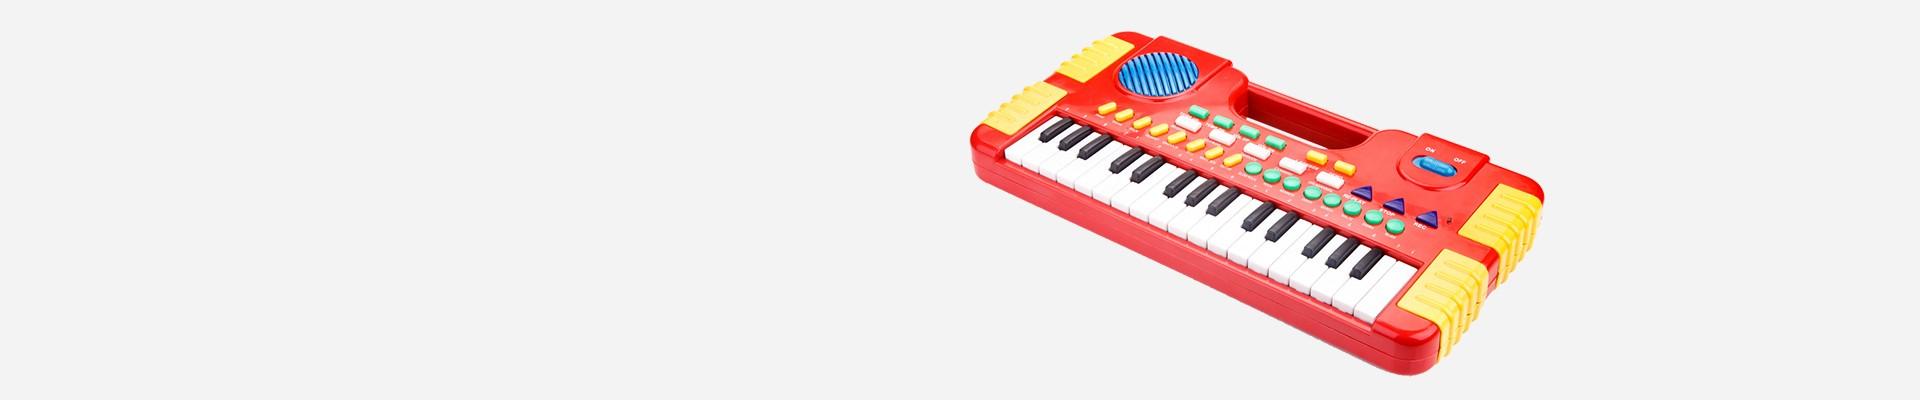 Jual Mainan Anak Online - Harga Termurah  d041d2c79d